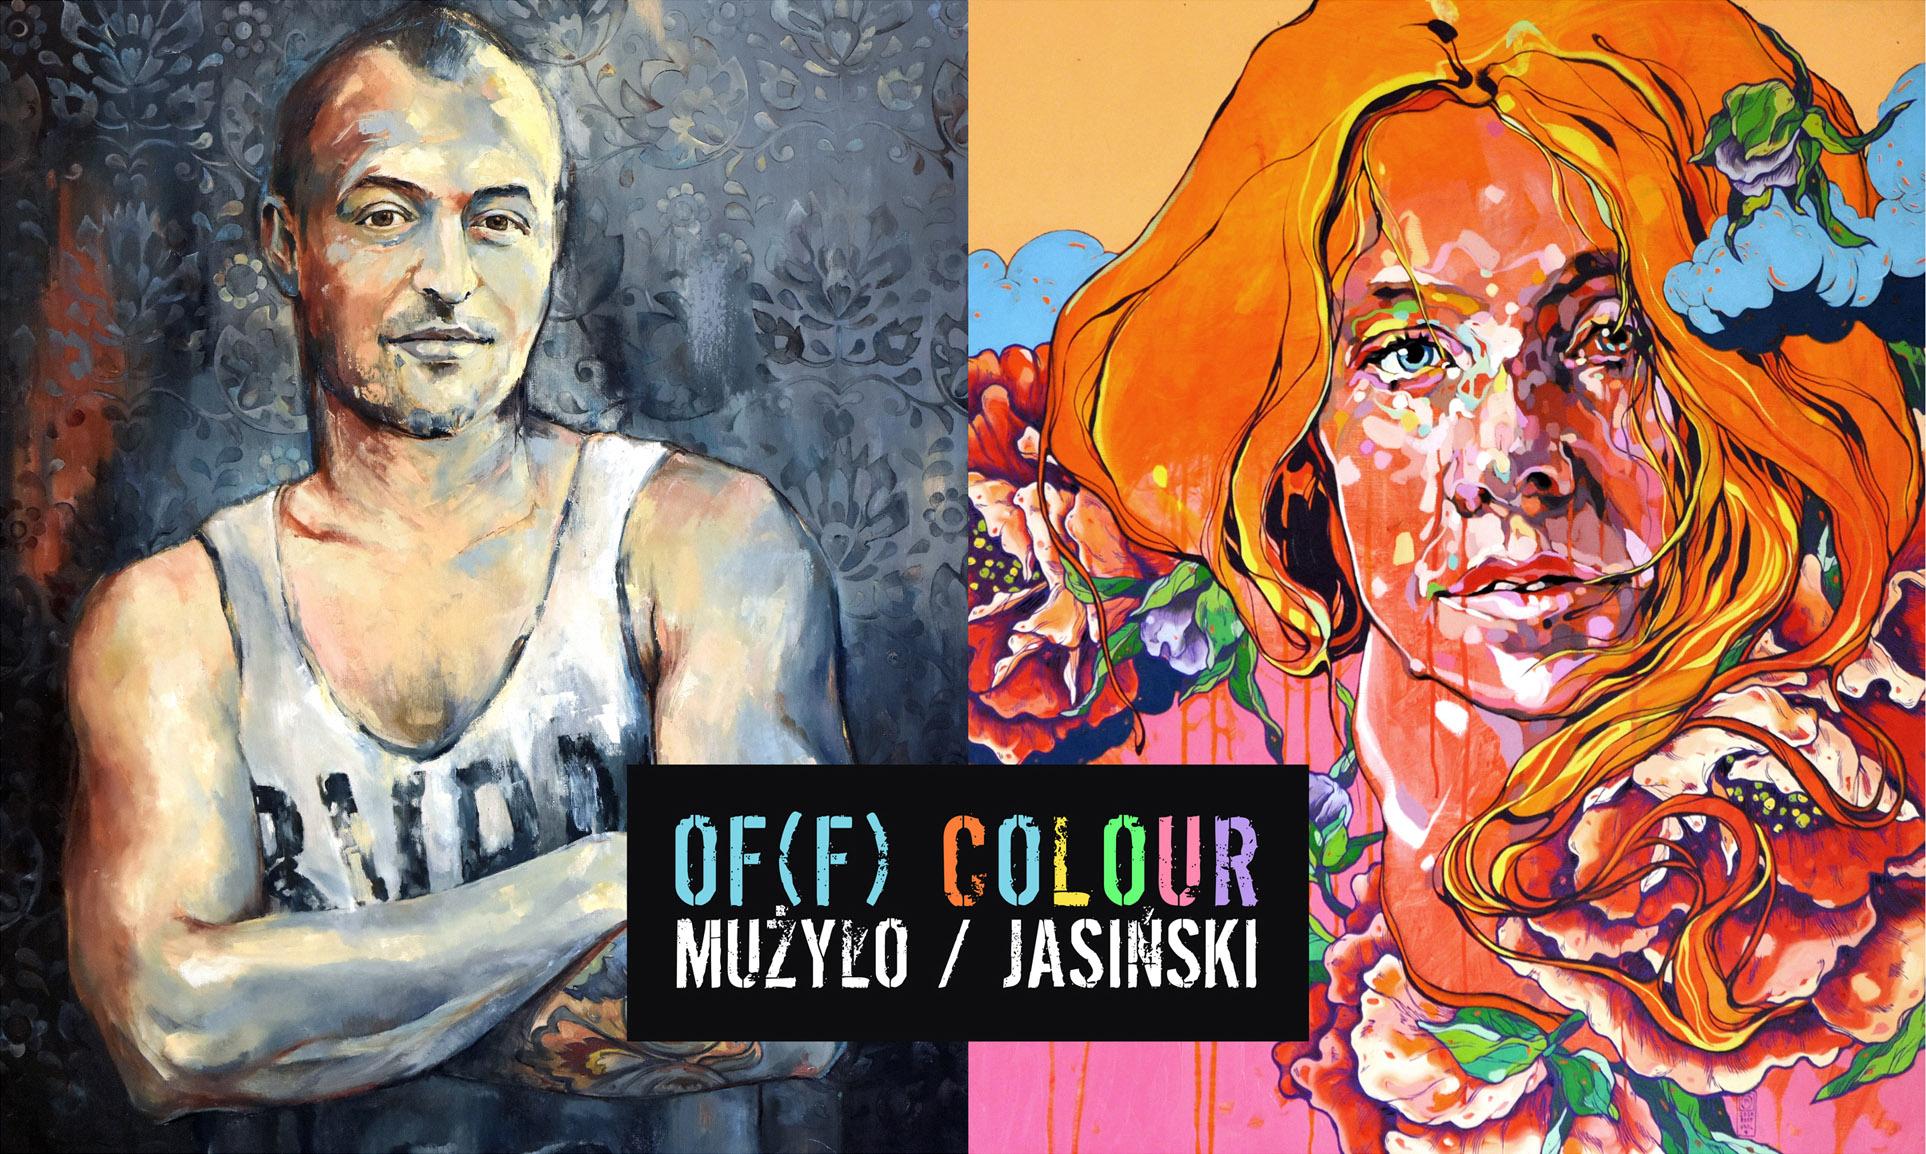 OF(F) COLOUR, czyli zderzenie dwóch artystycznych światów WYSTAWA MUŻYŁO | JASIŃSKI